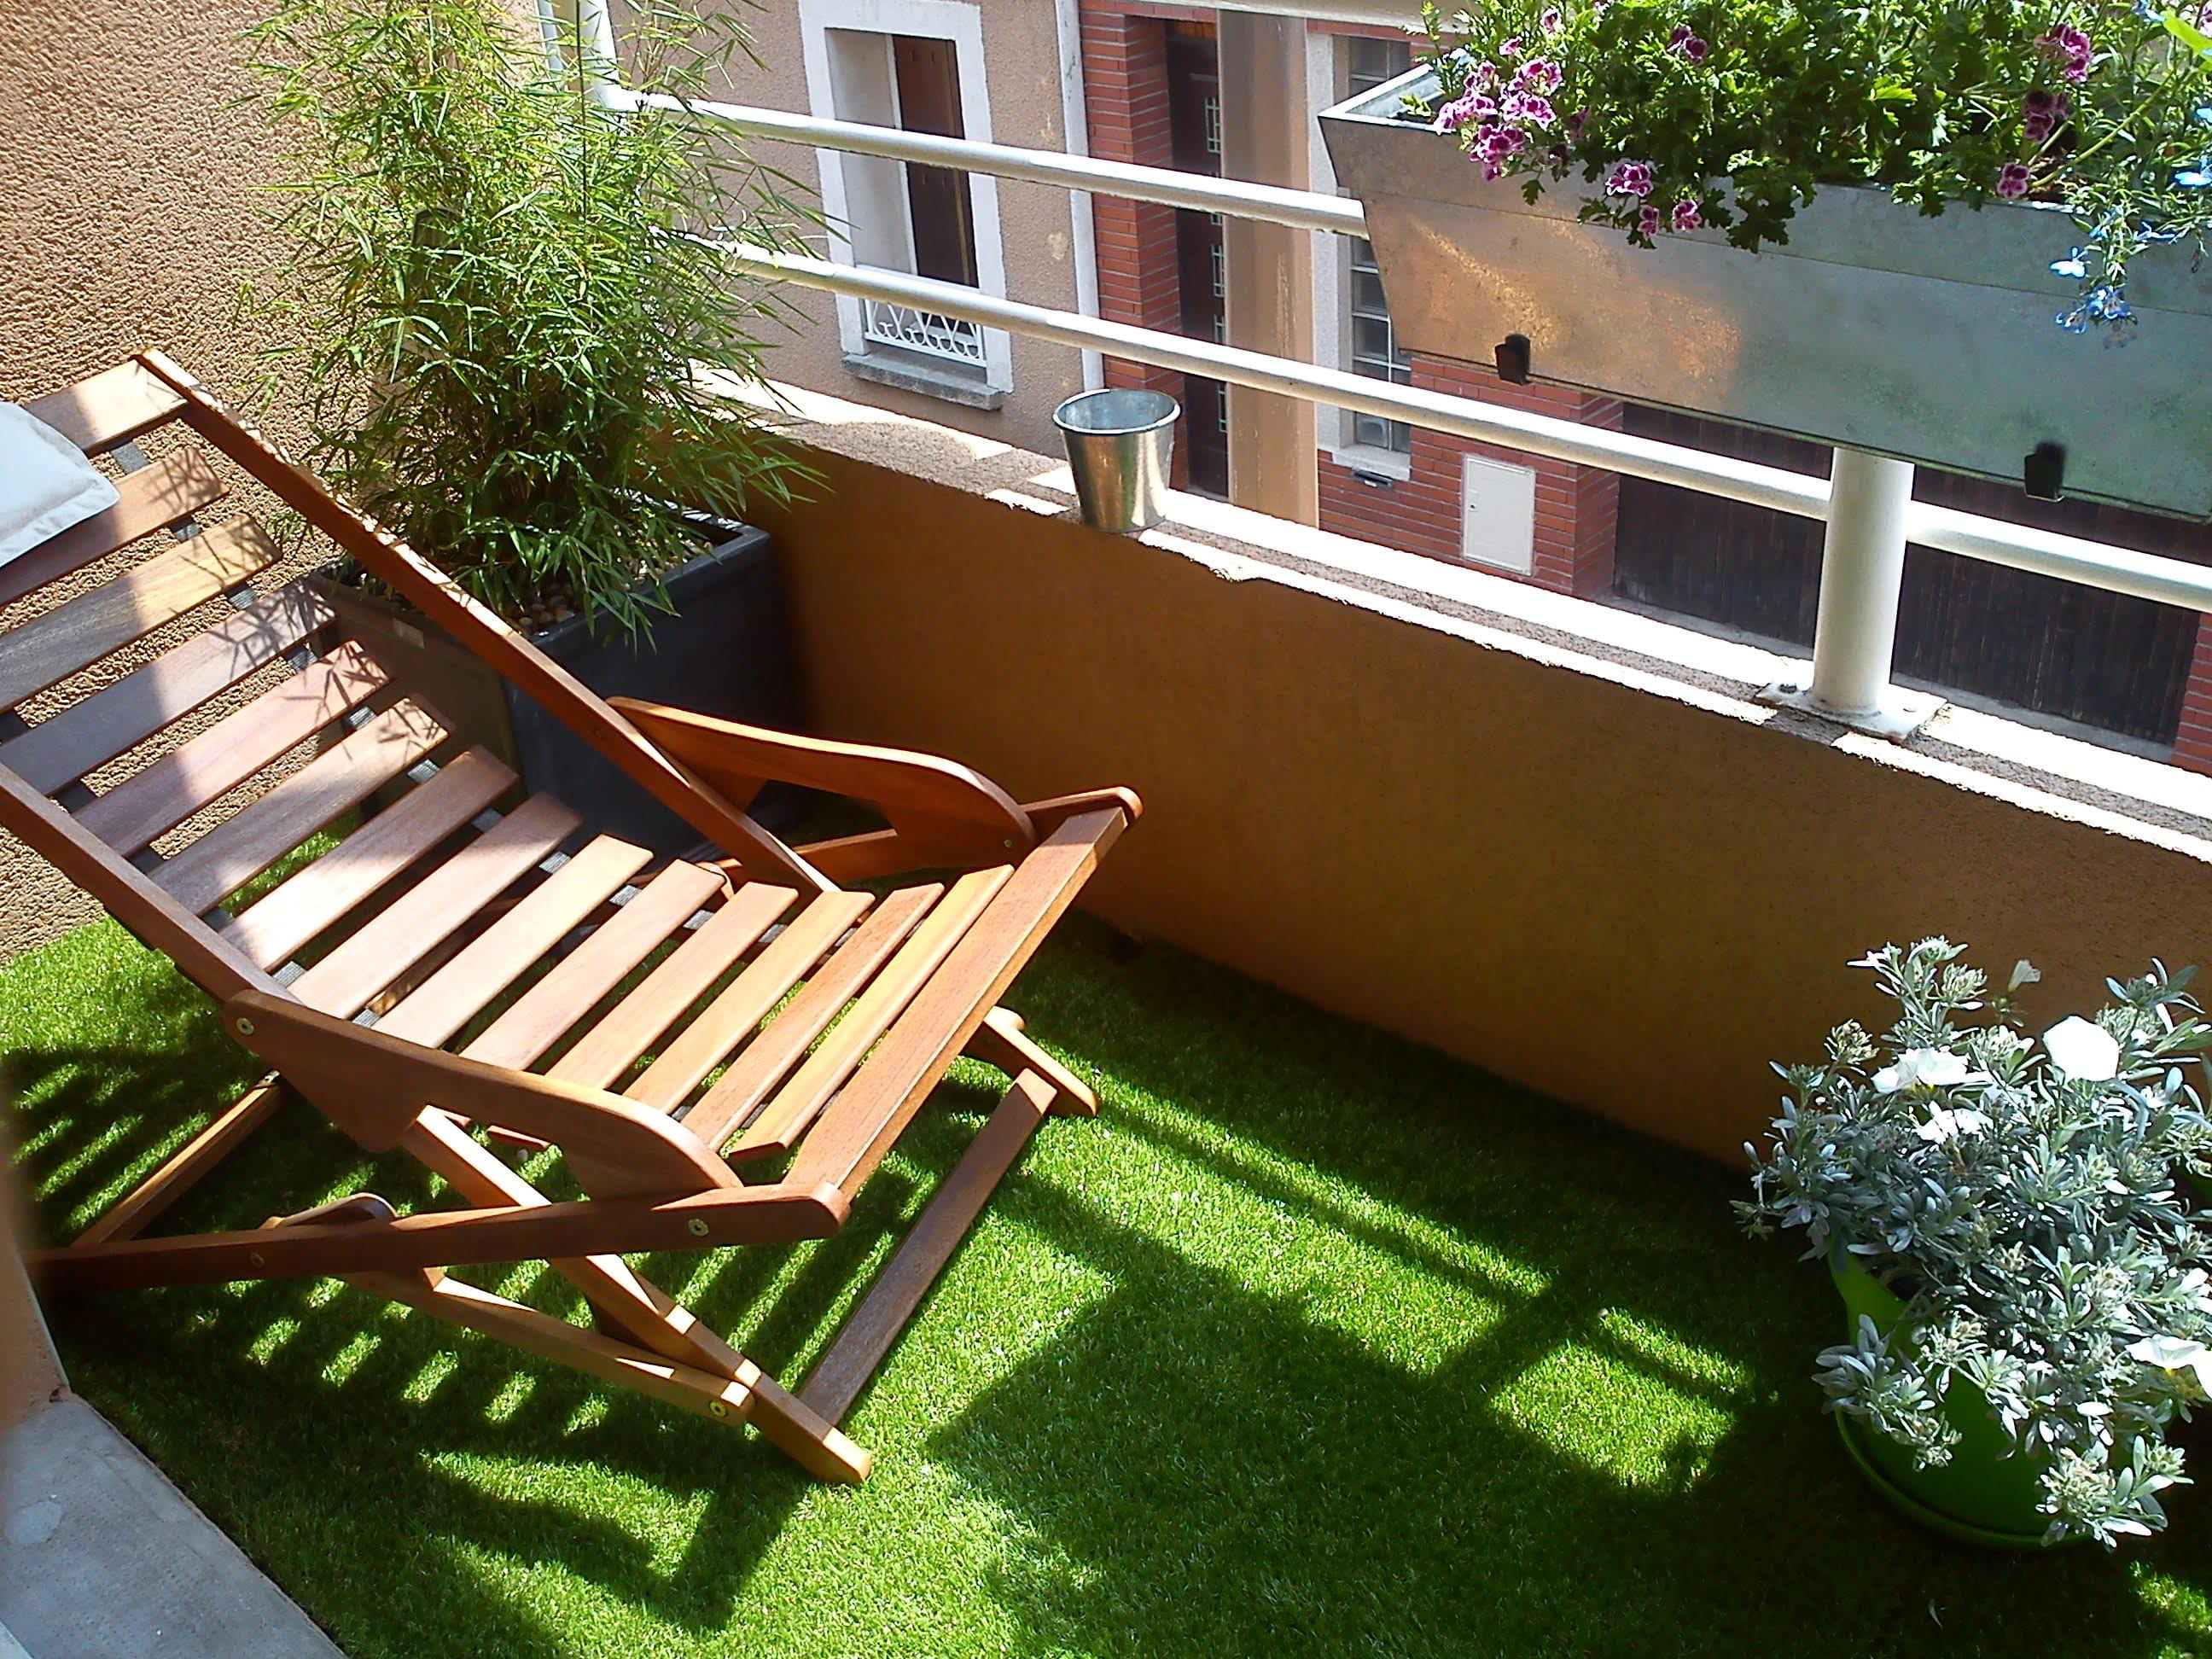 Bien choisir son gazon synth tique pour le balcon ou la for Pelouse synthetique pour balcon